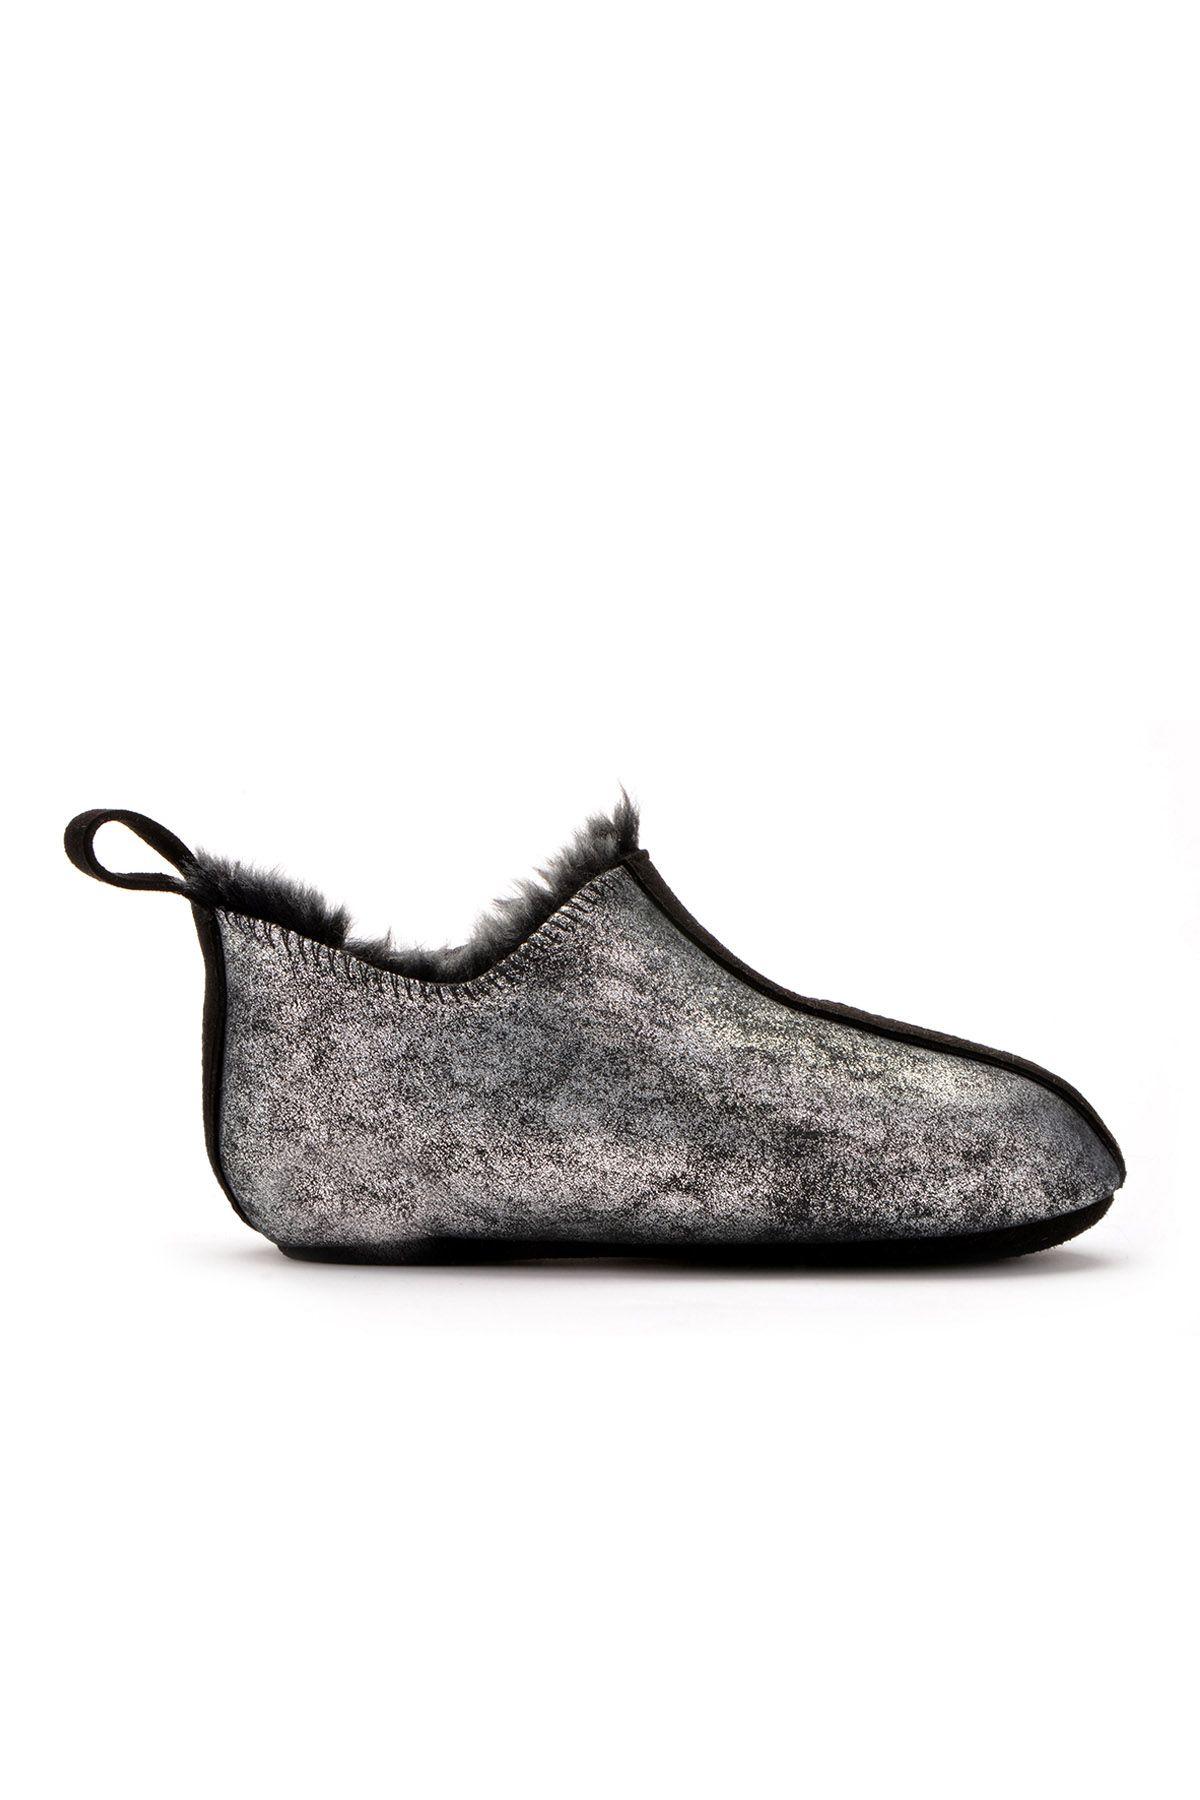 Pegia Hakiki Kürklü Çocuk Ev Ayakkabısı 121097 Gümüş